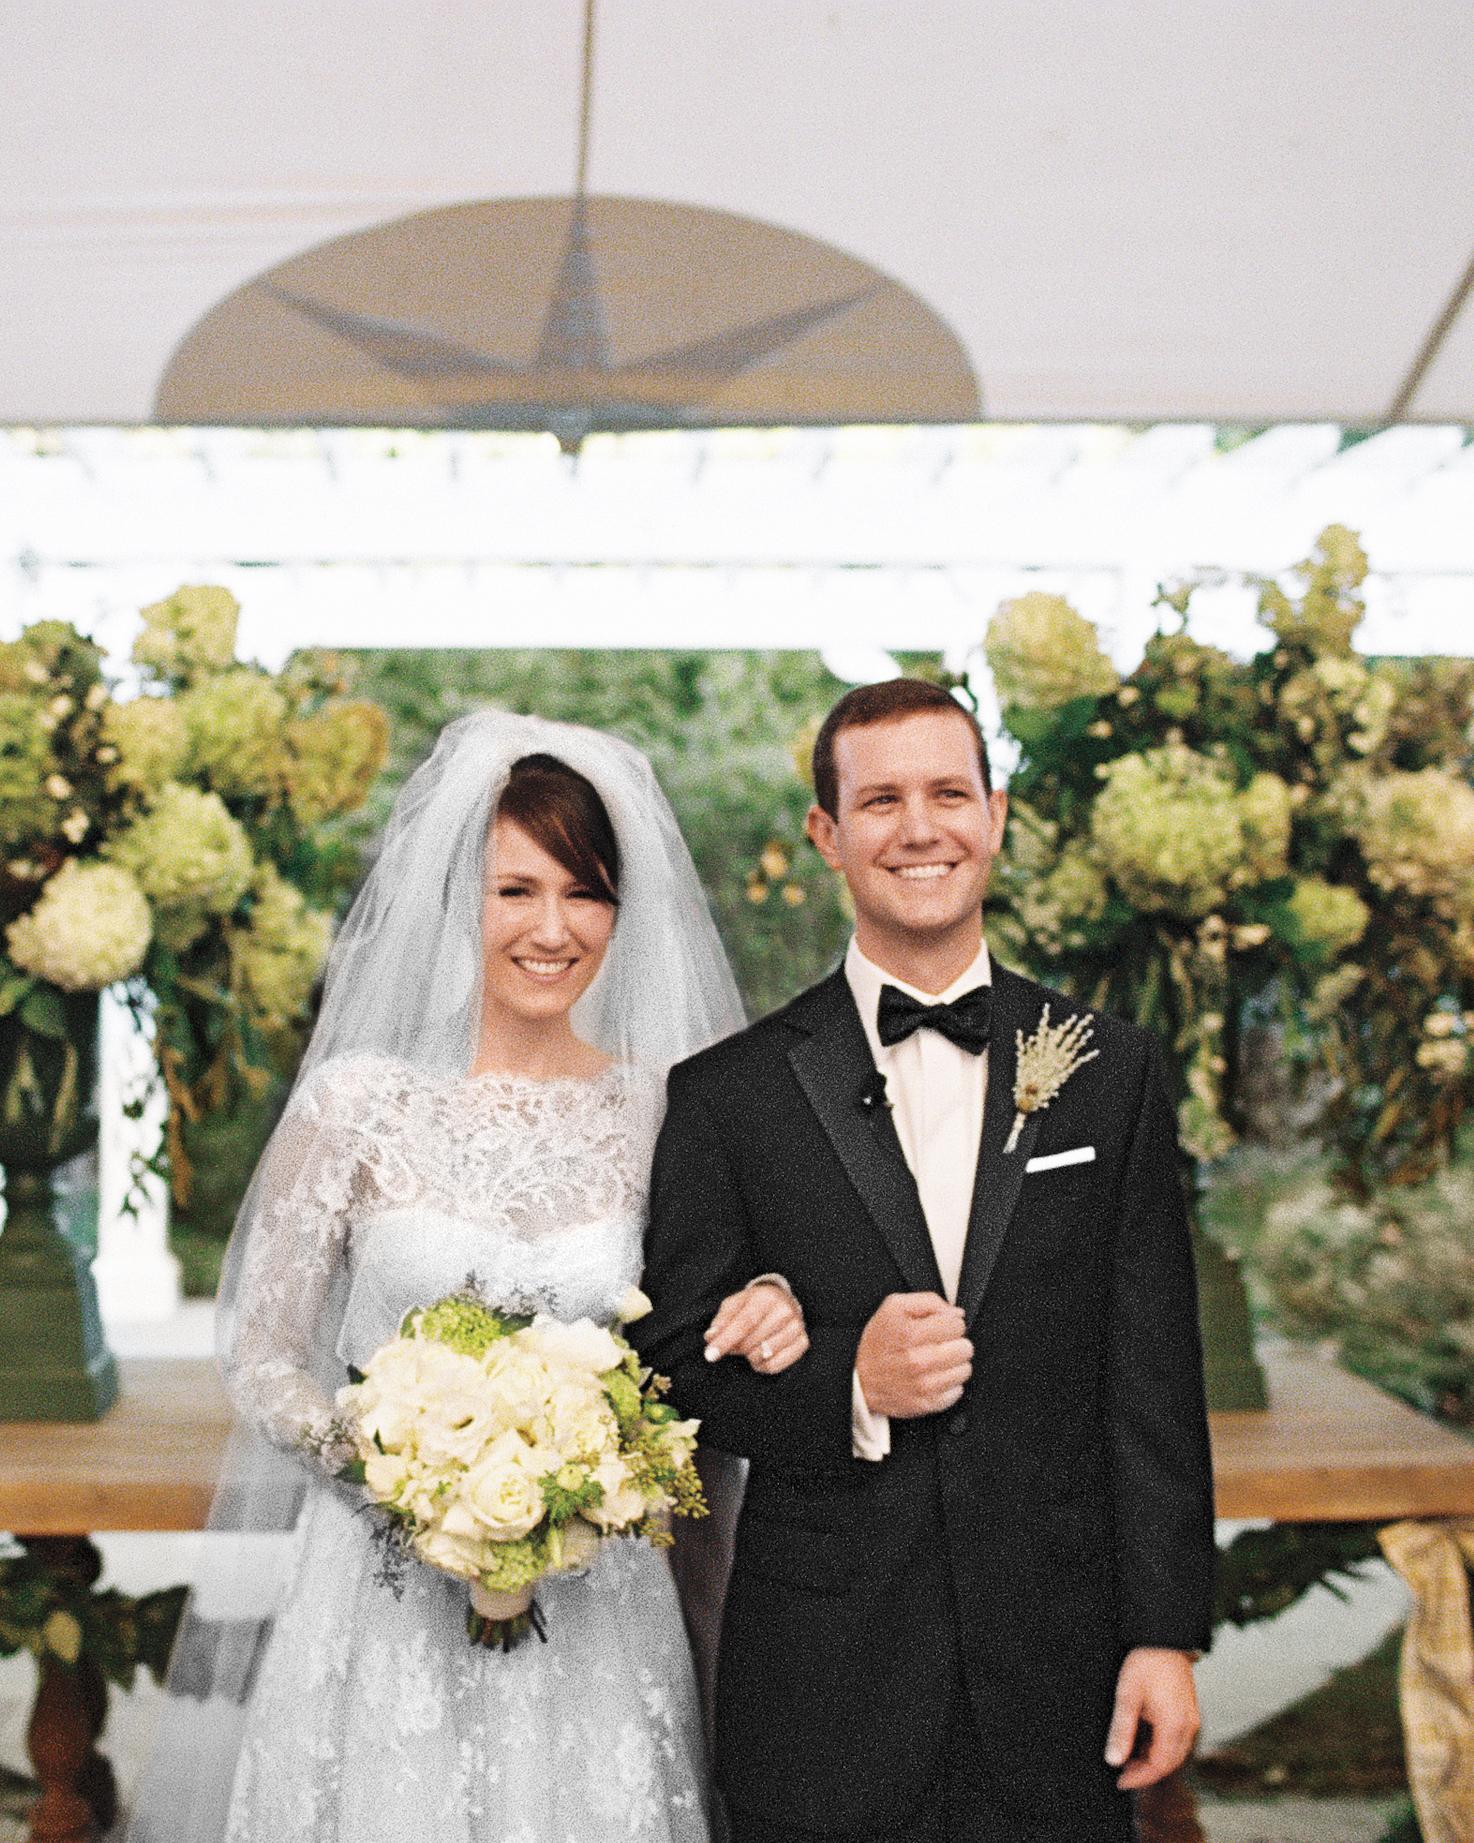 bride-groom-008900-r1-021-copy-mwds110846.jpg